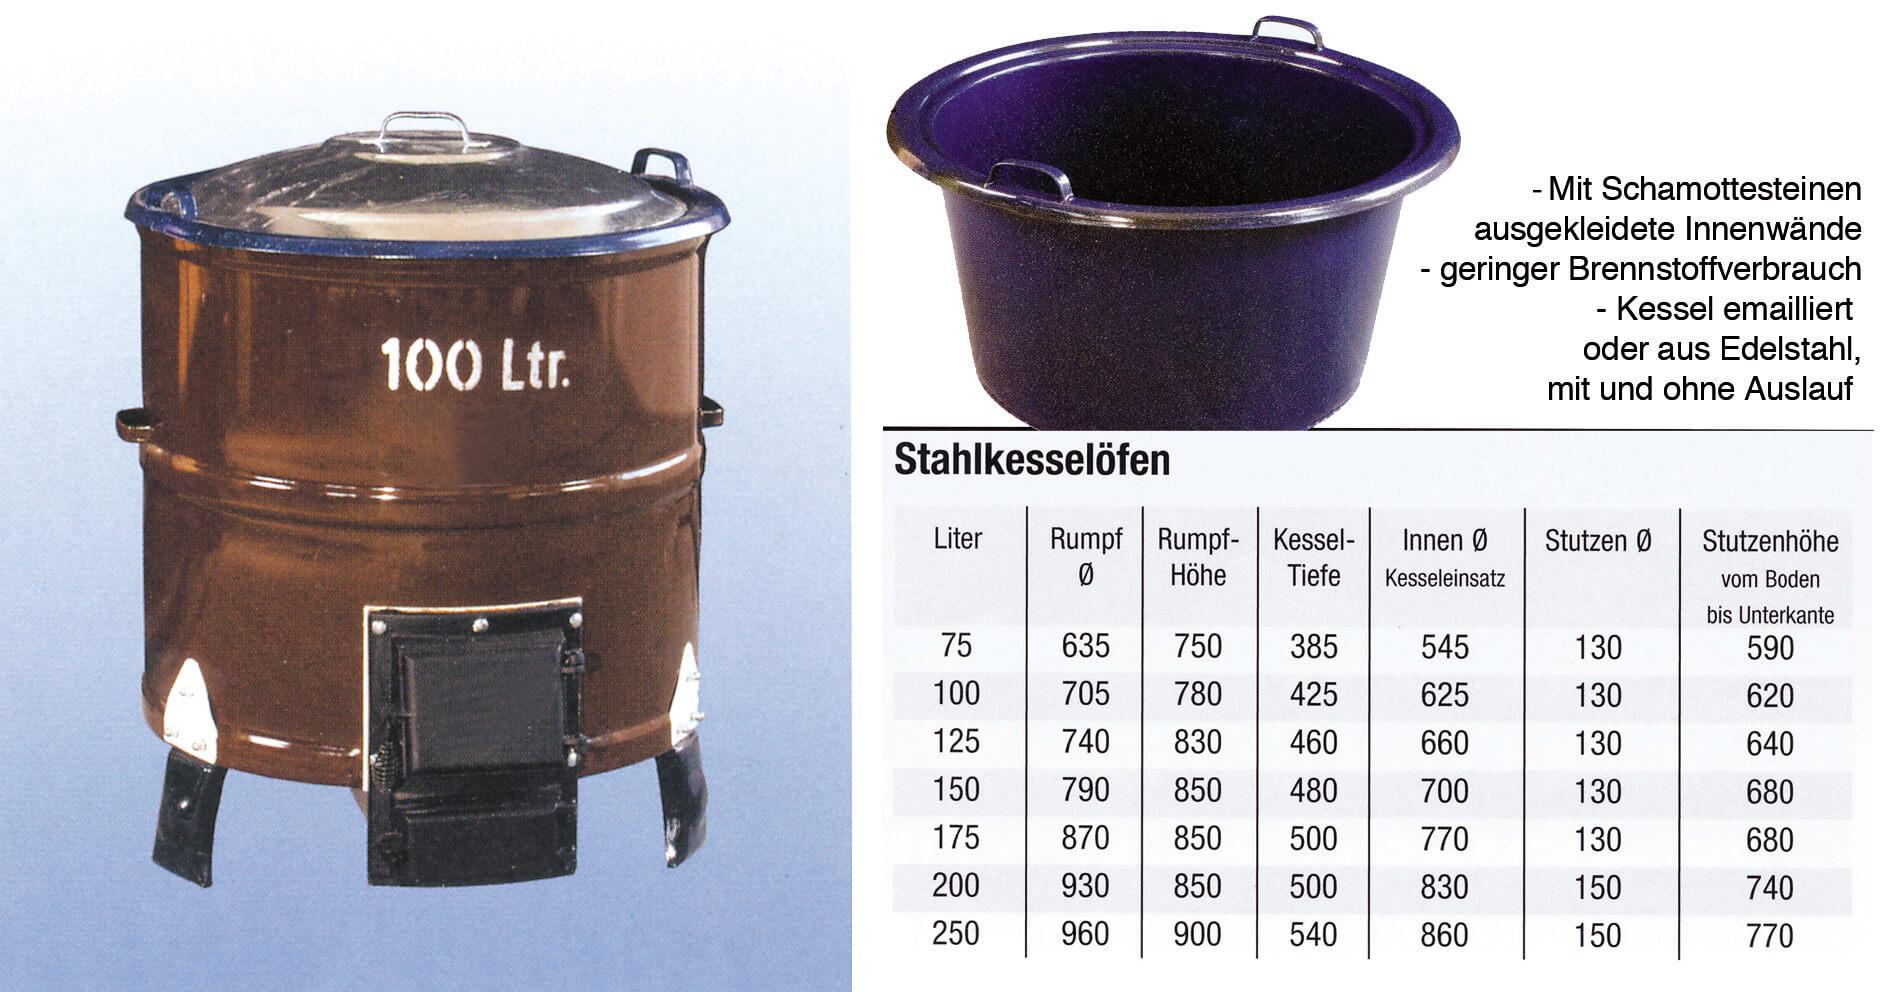 Zubehör & Kleinteile für Räucherschränke – Ofenbau Busam